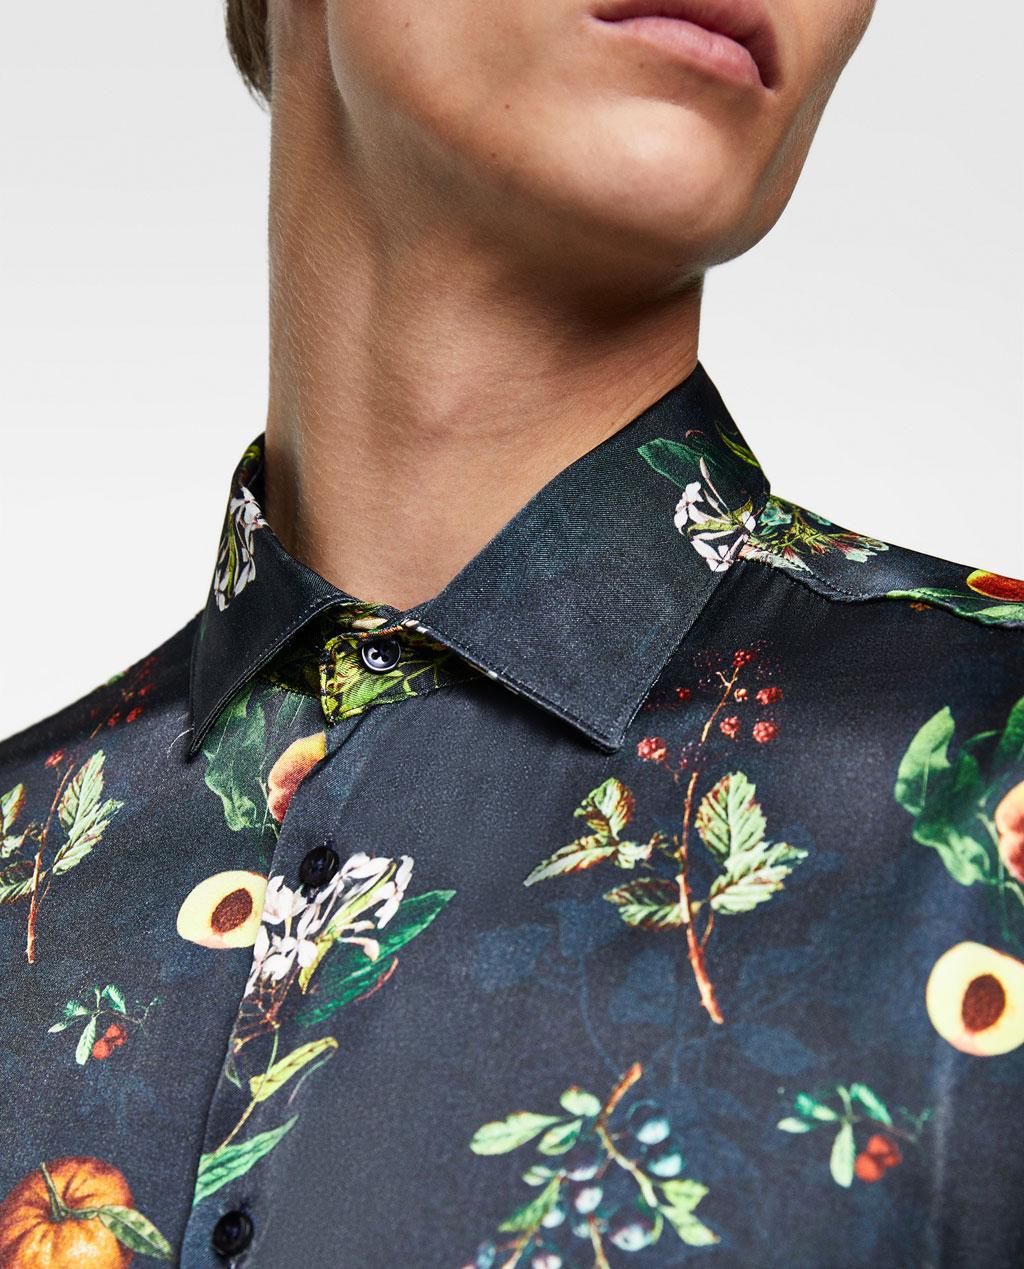 Thời trang nam Zara  24130 - ảnh 9